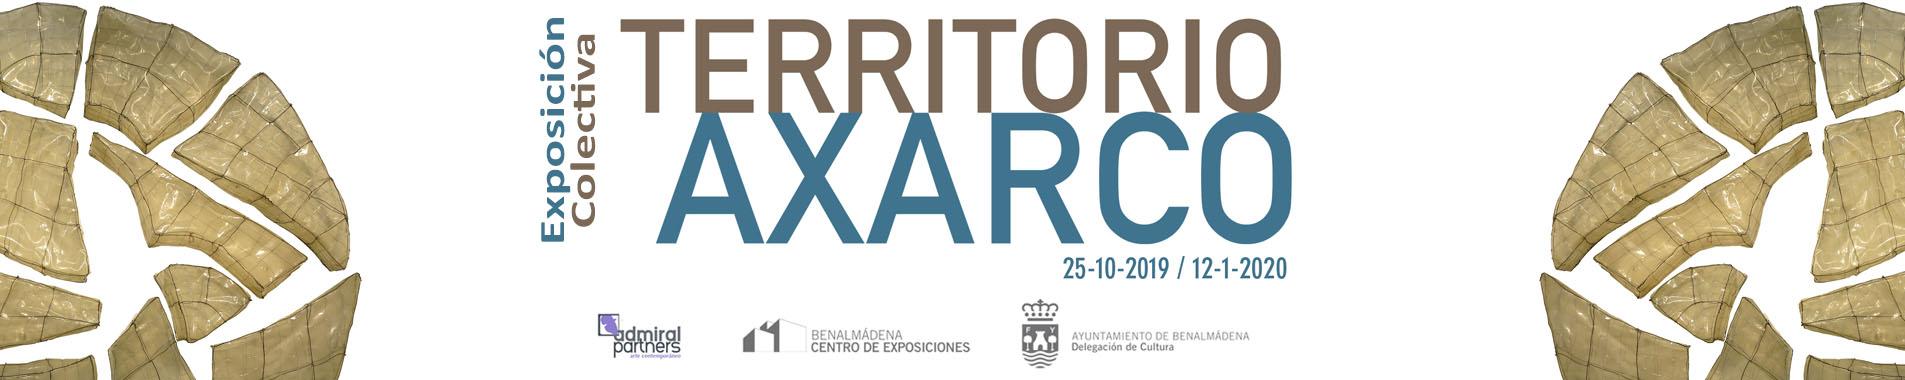 Exposición Territorio Axarco